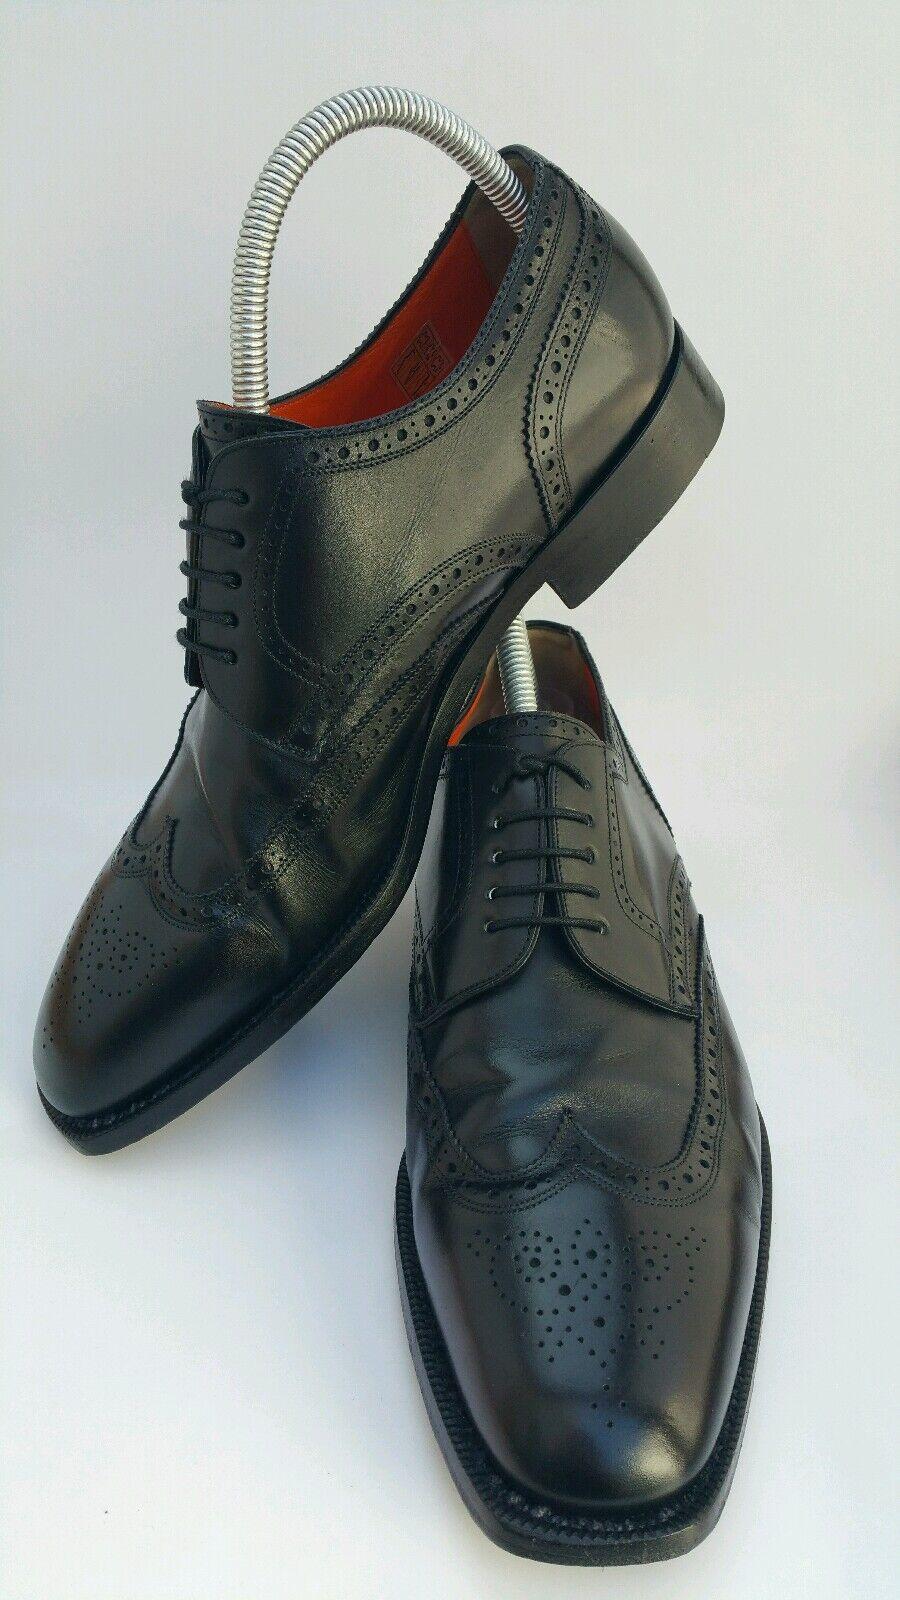 SANTONI para Hombre de Cuero Negro Brogue punta del ala Oxford Zapatos 5403 US 11,